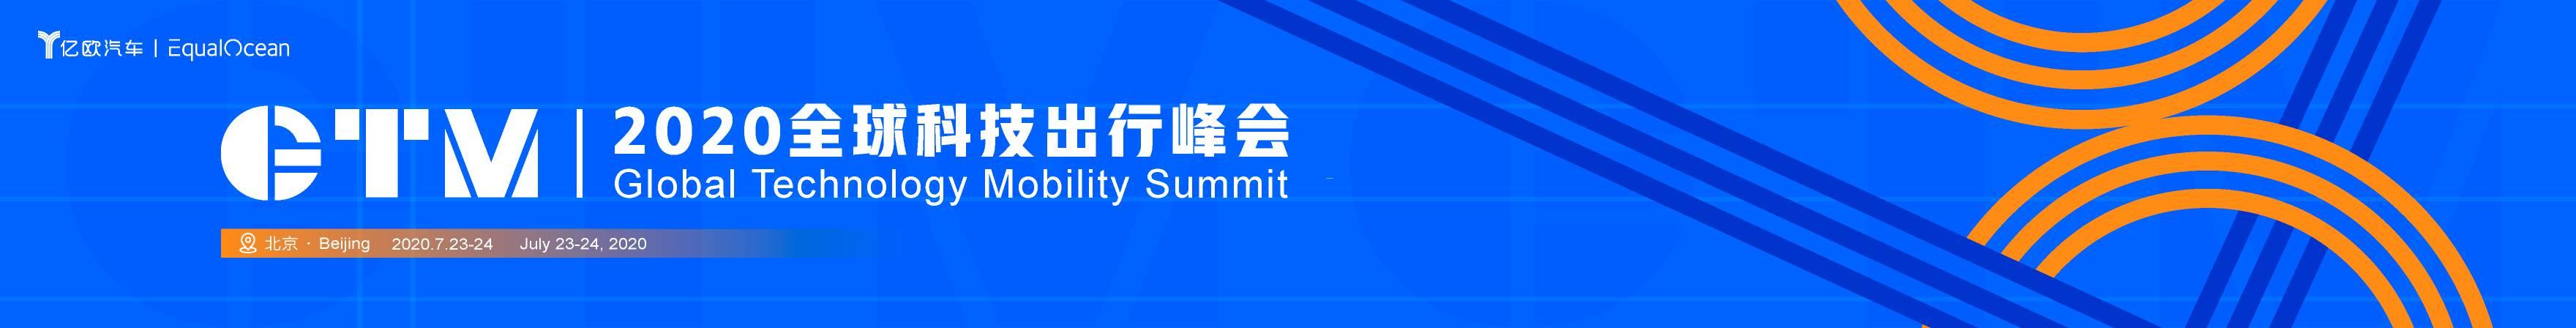 2020全球科技出行峰會